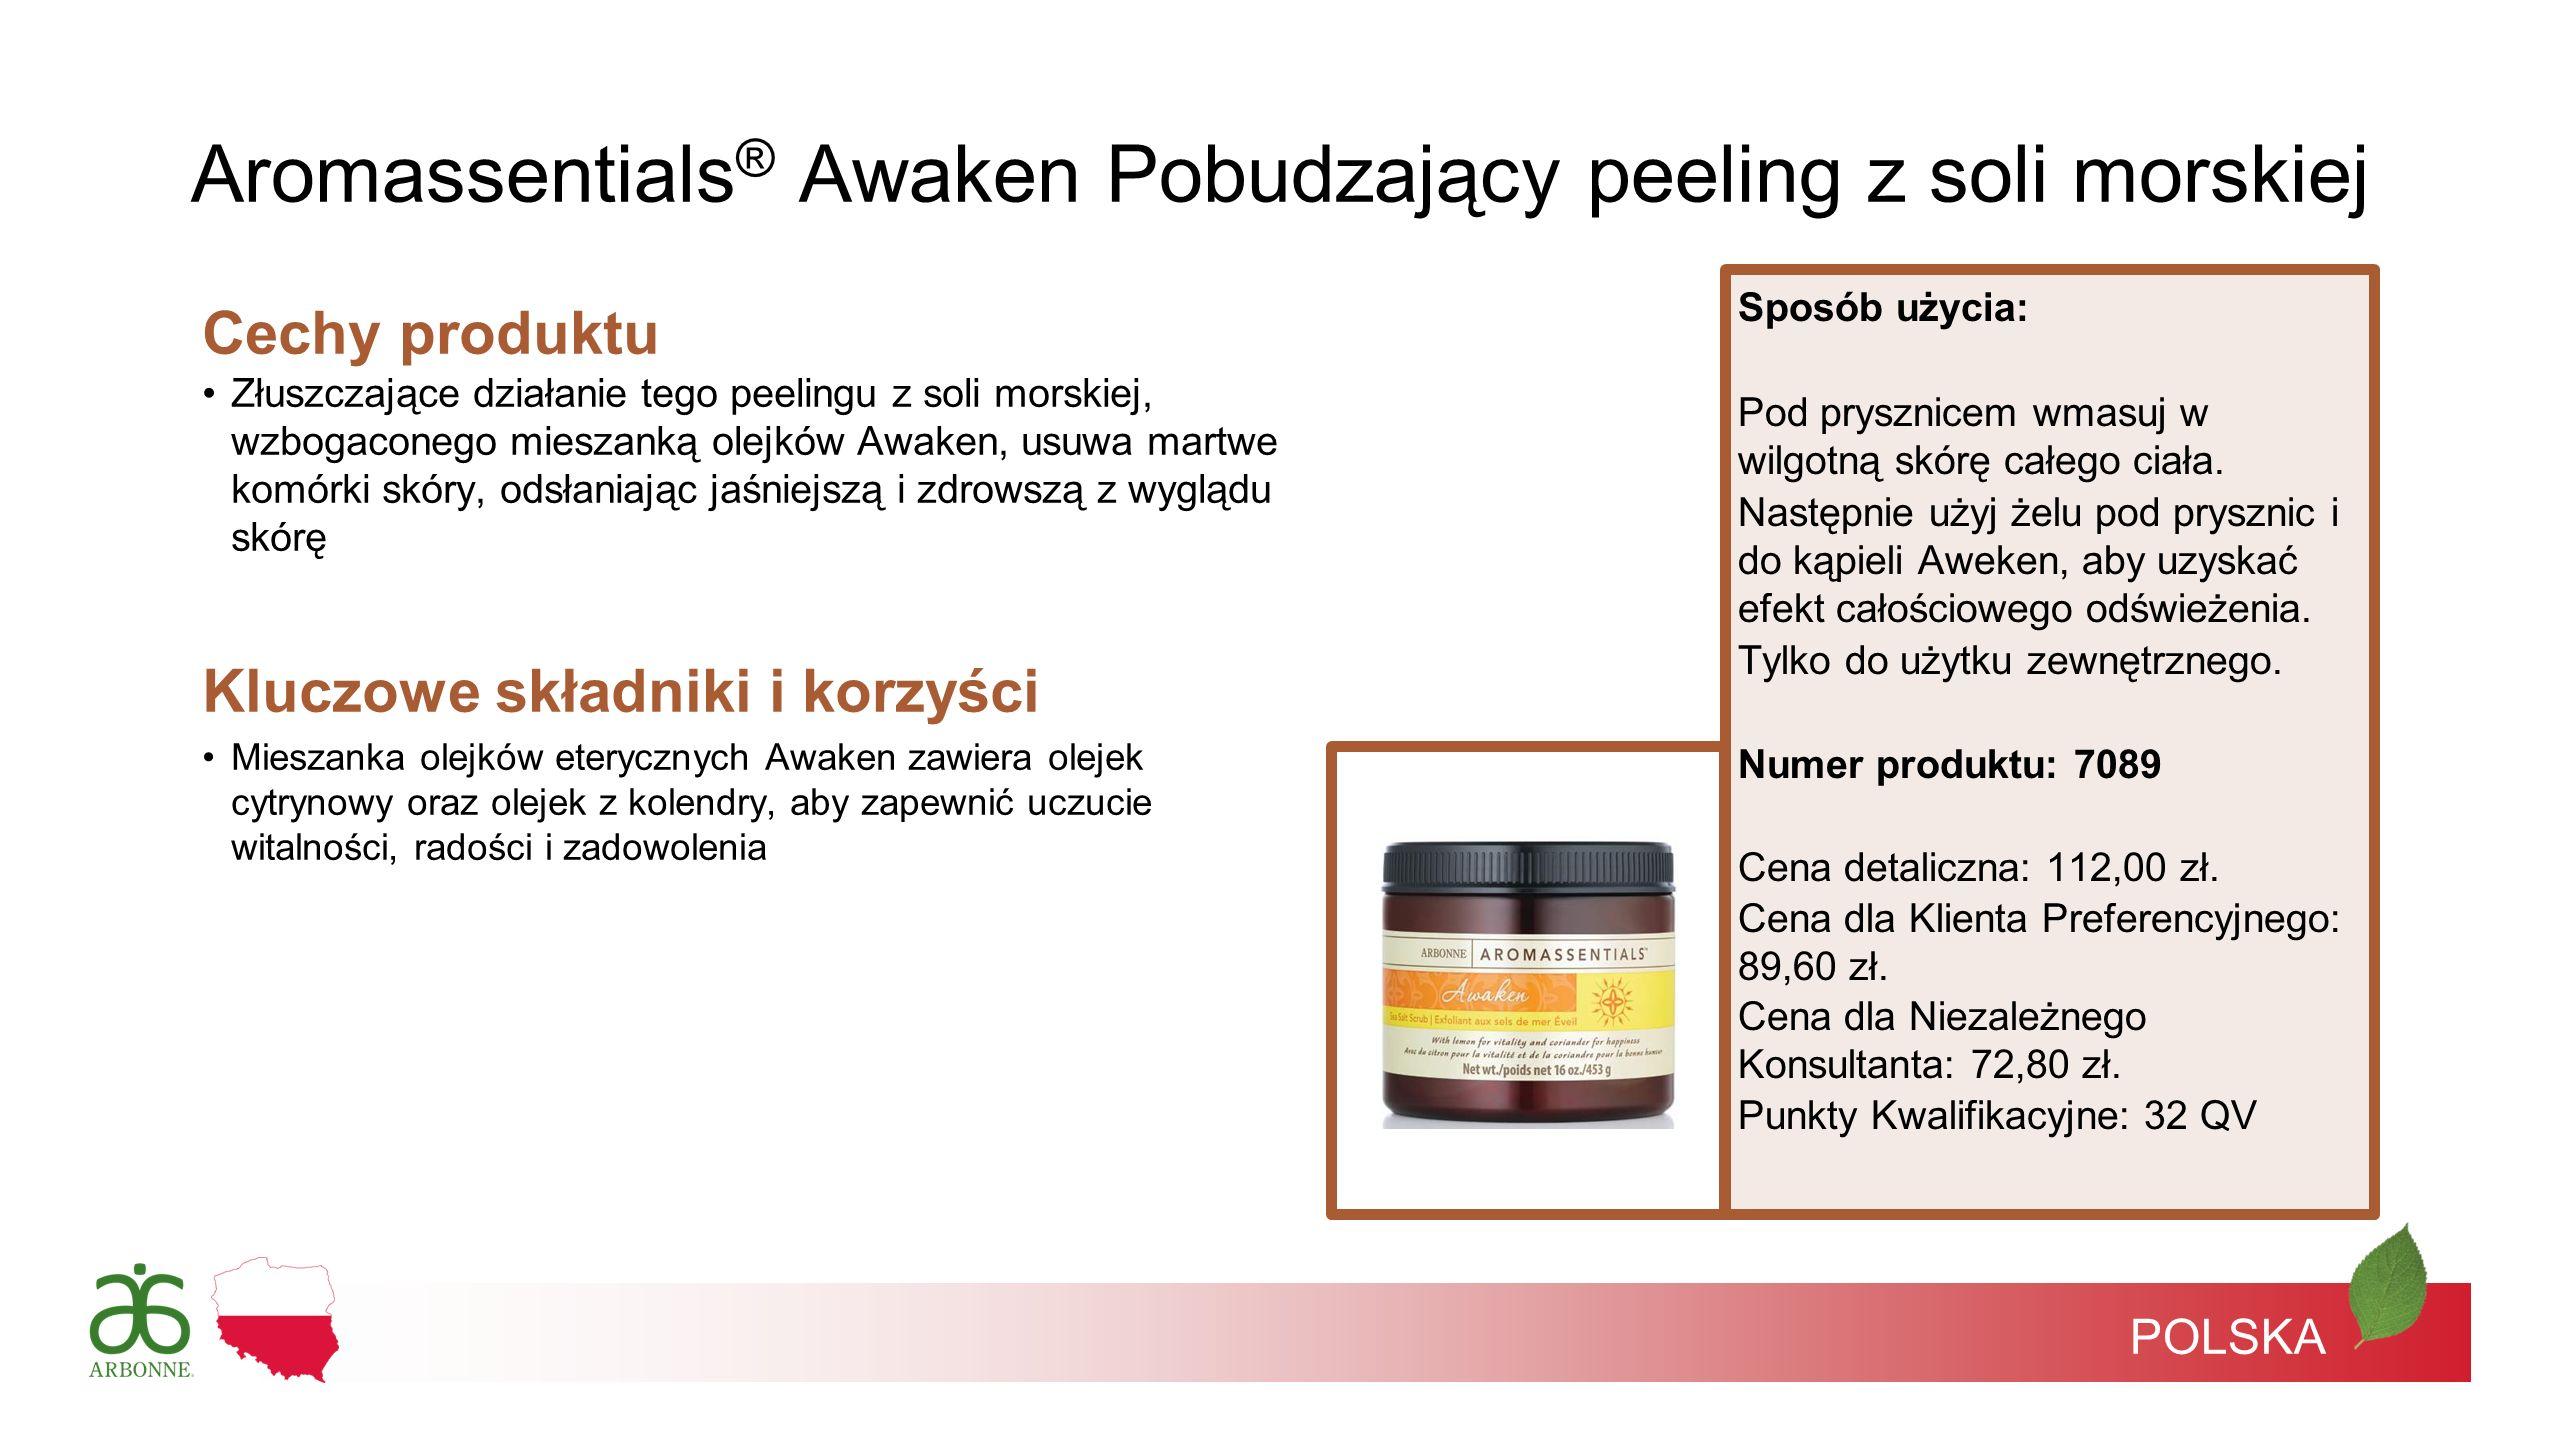 POLSKA Cechy produktu Złuszczające działanie tego peelingu z soli morskiej, wzbogaconego mieszanką olejków Awaken, usuwa martwe komórki skóry, odsłani